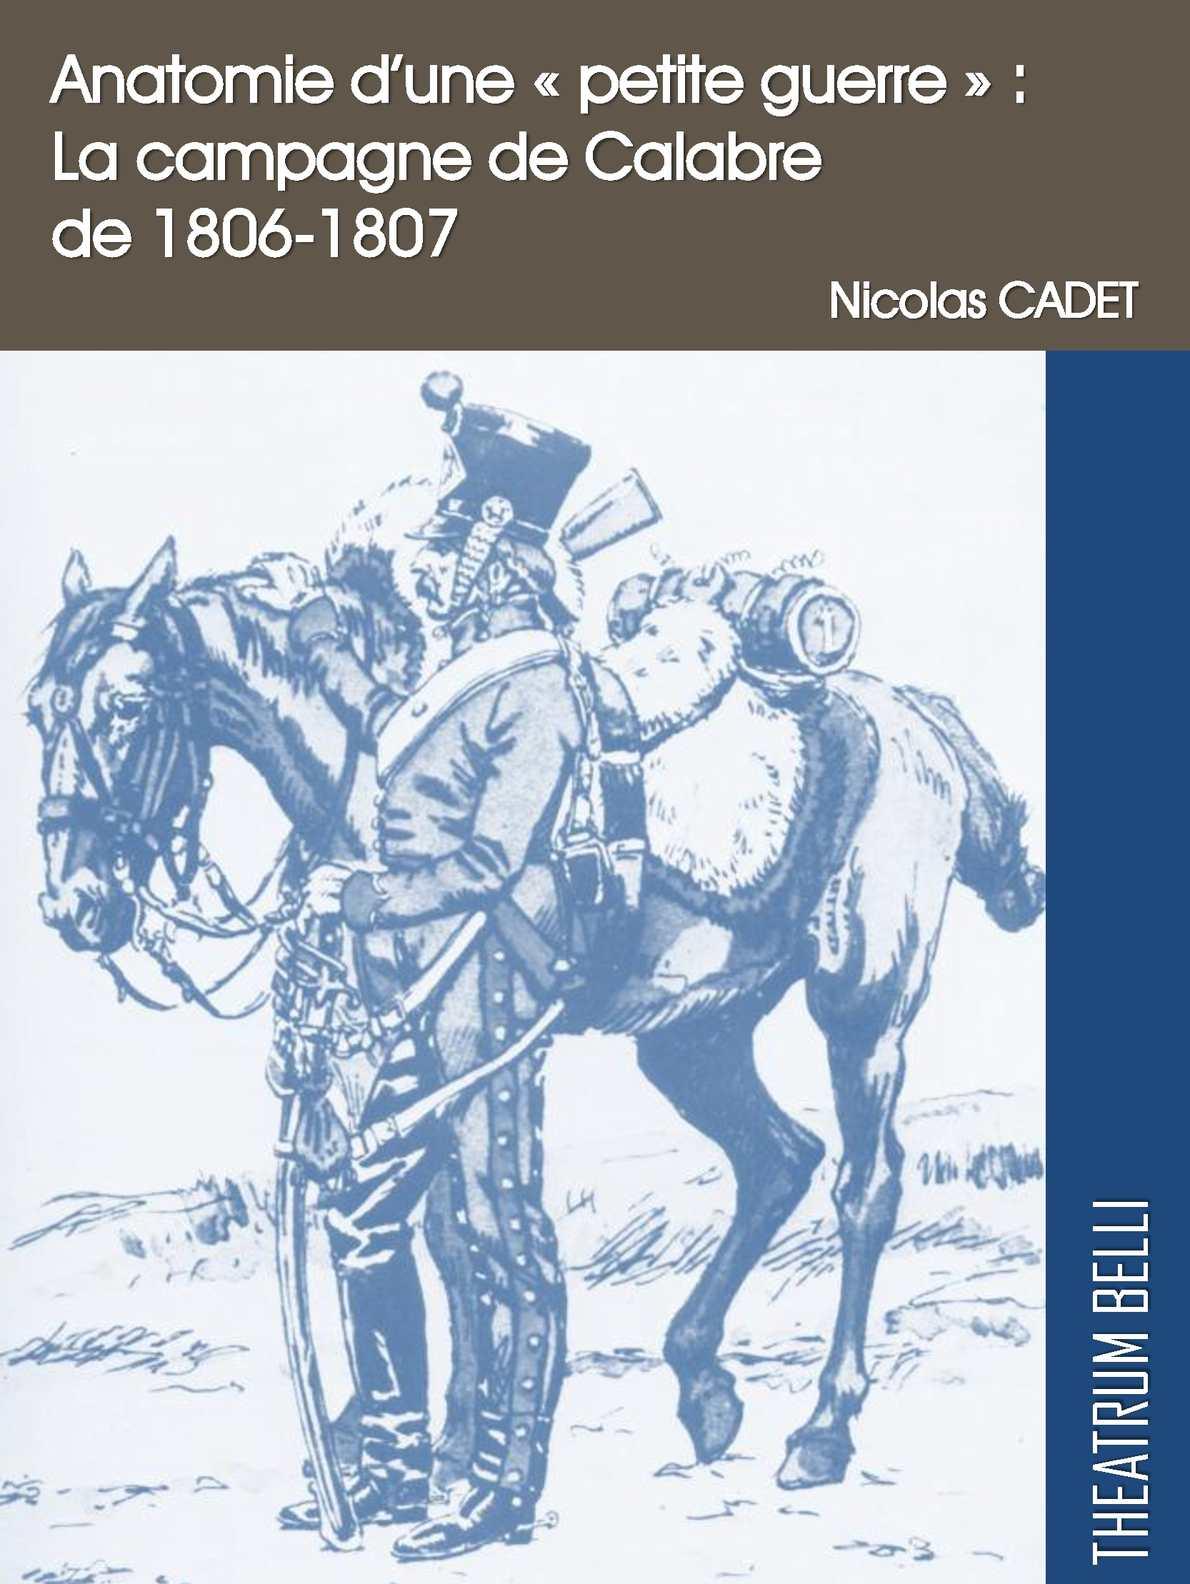 """Anatomie d'une """"petite guerre"""" : la campagne de Calabre (1806-1807)"""